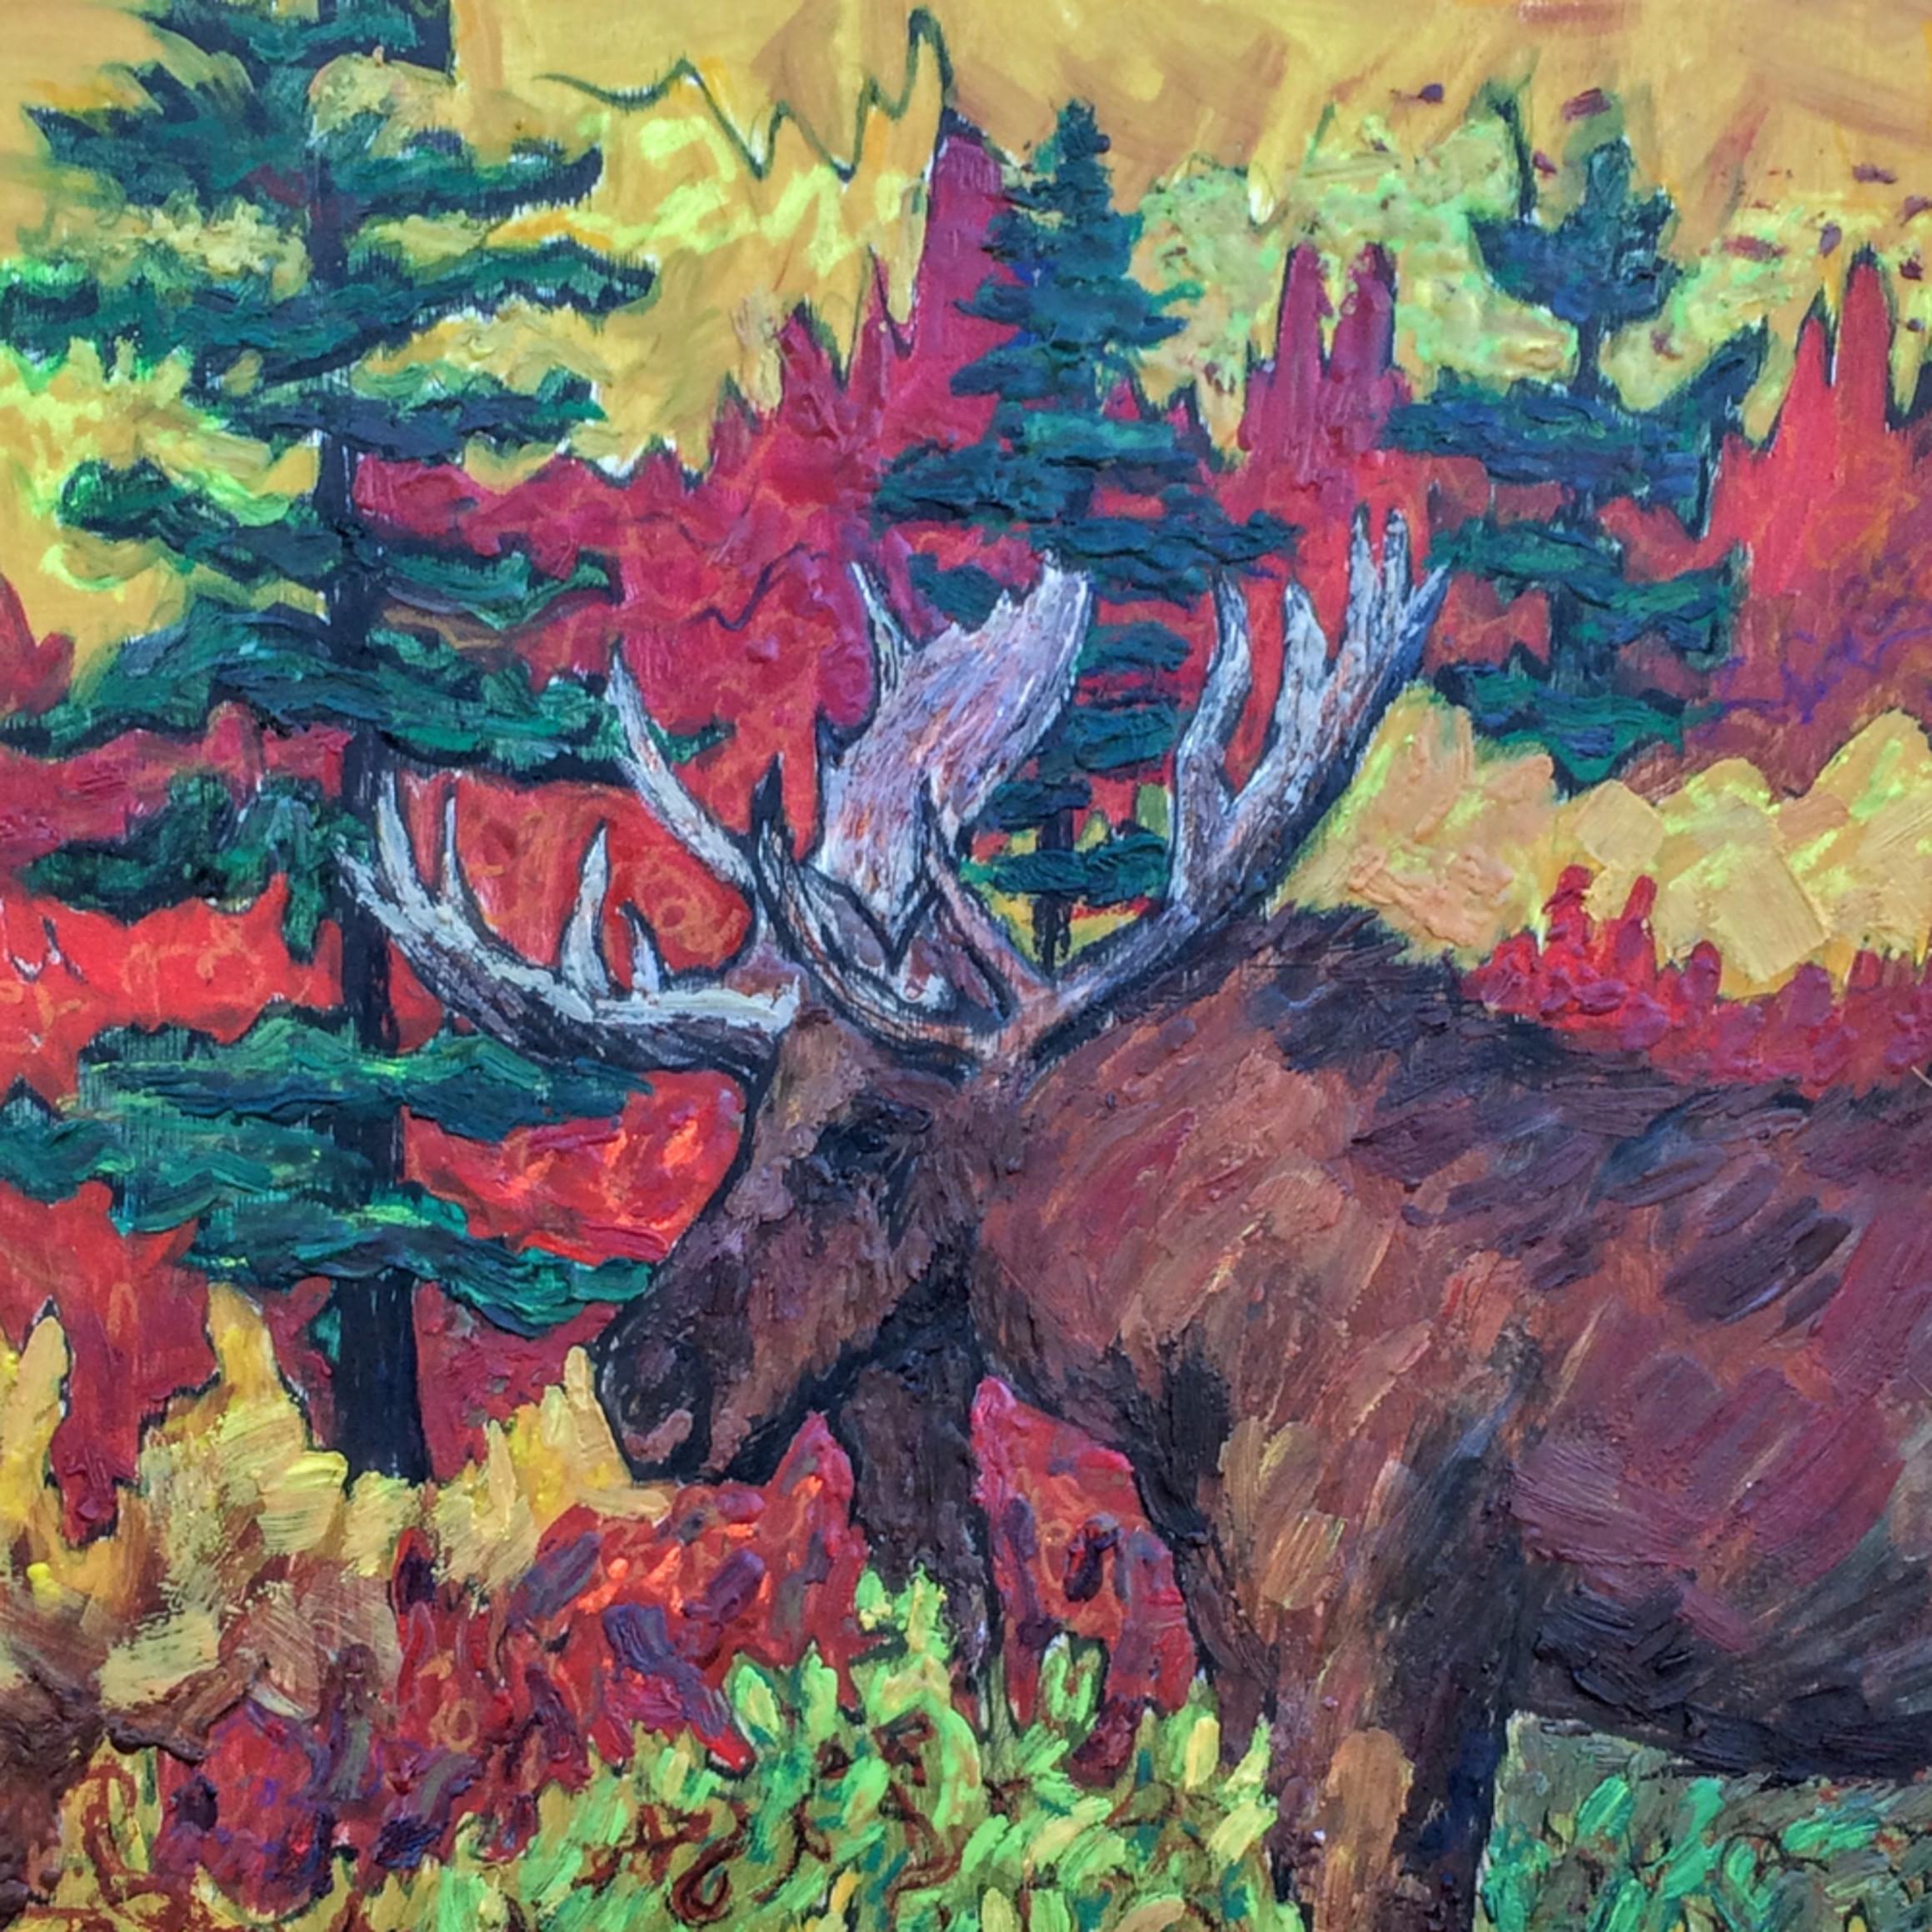 Moose encaustic qmmfnz